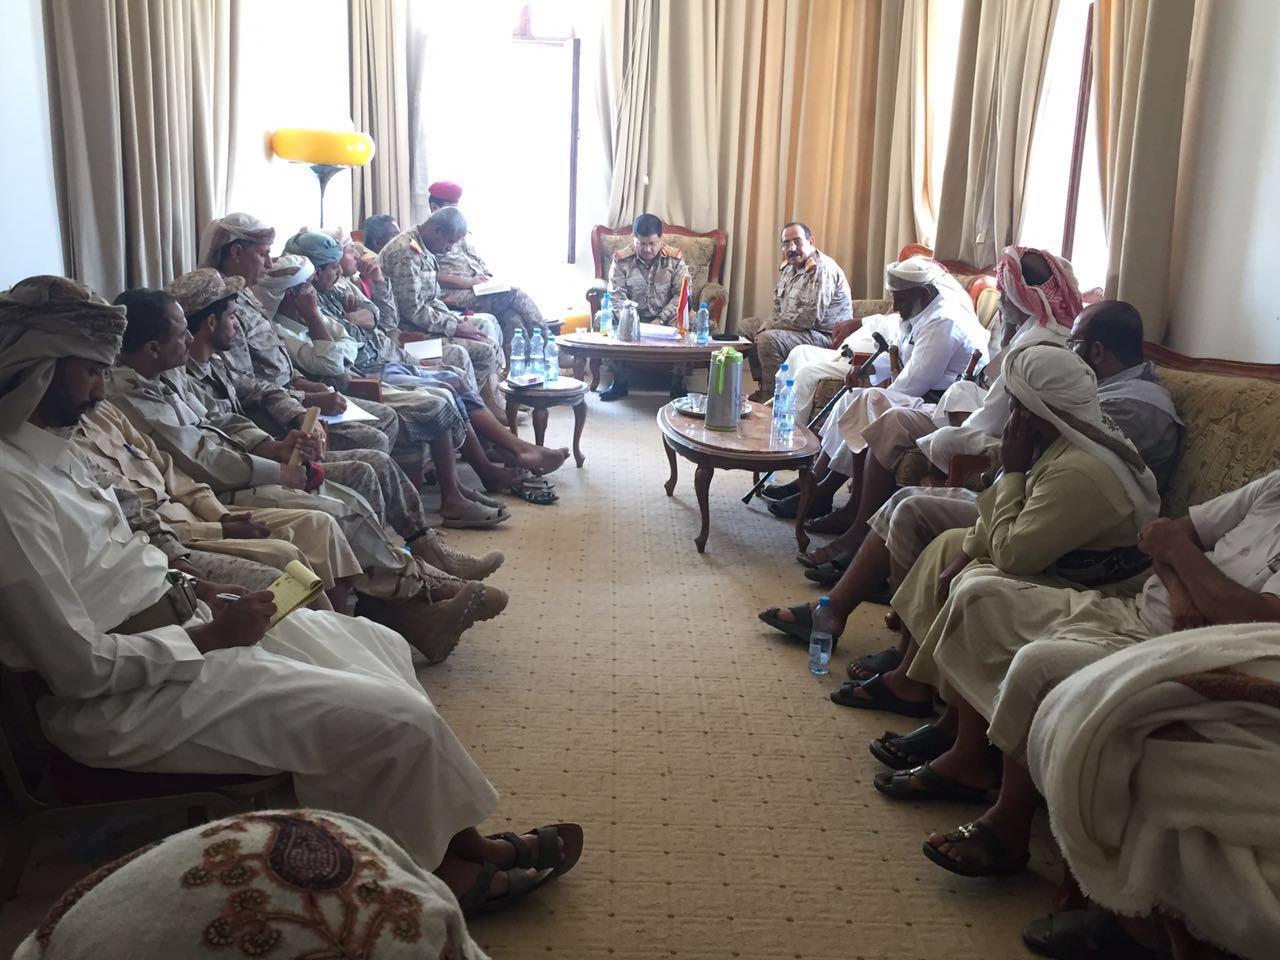 رئيس هيئة الأركان اللواء المقدشي يلتقي قيادات الجيش والمقاومة بمحافظة شبوة ( صوره)